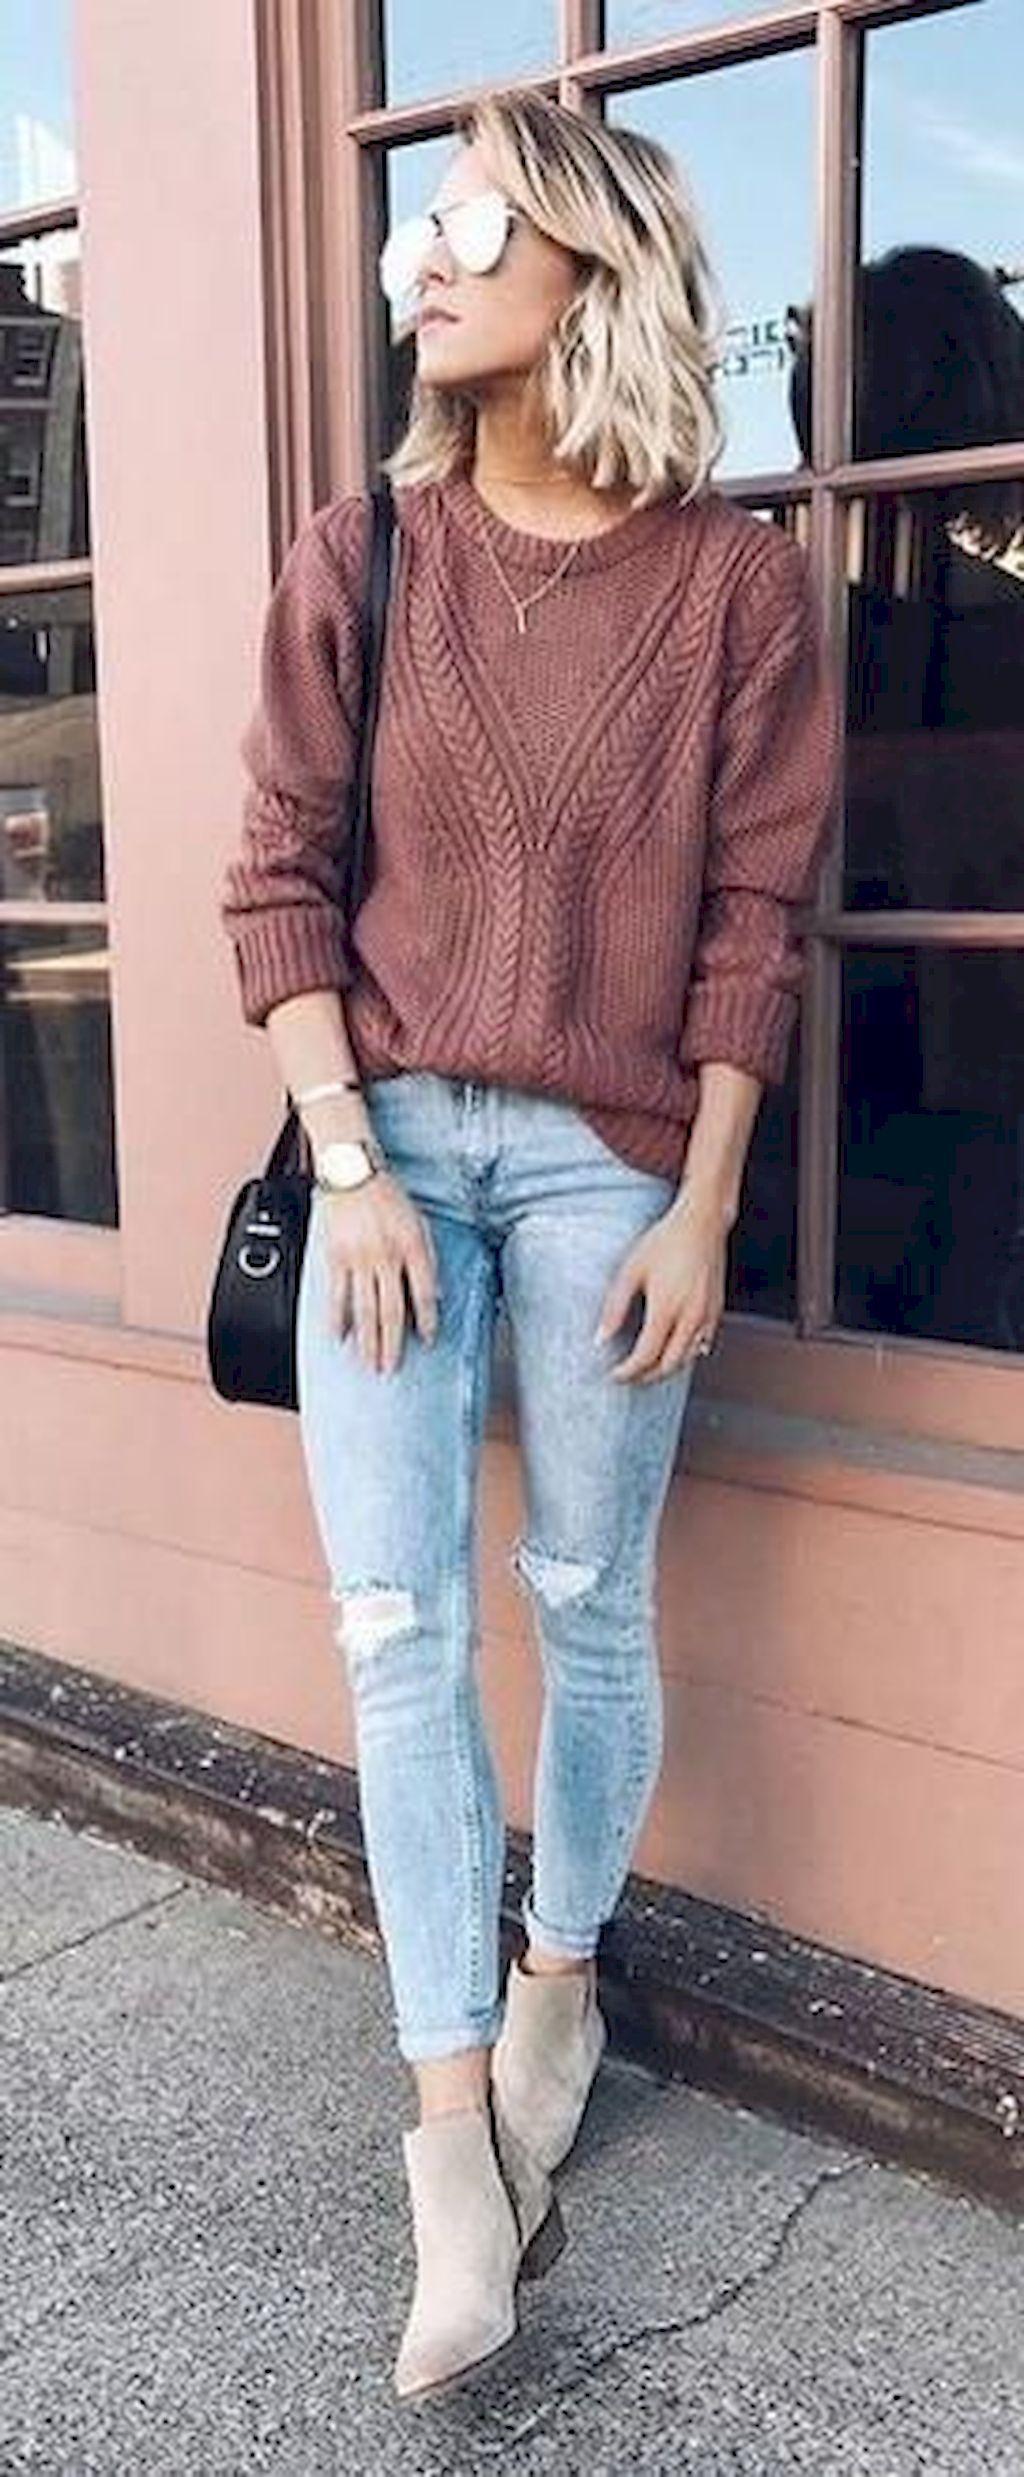 модный лук на осень Топы с напуском и рваная джинсовая ткань